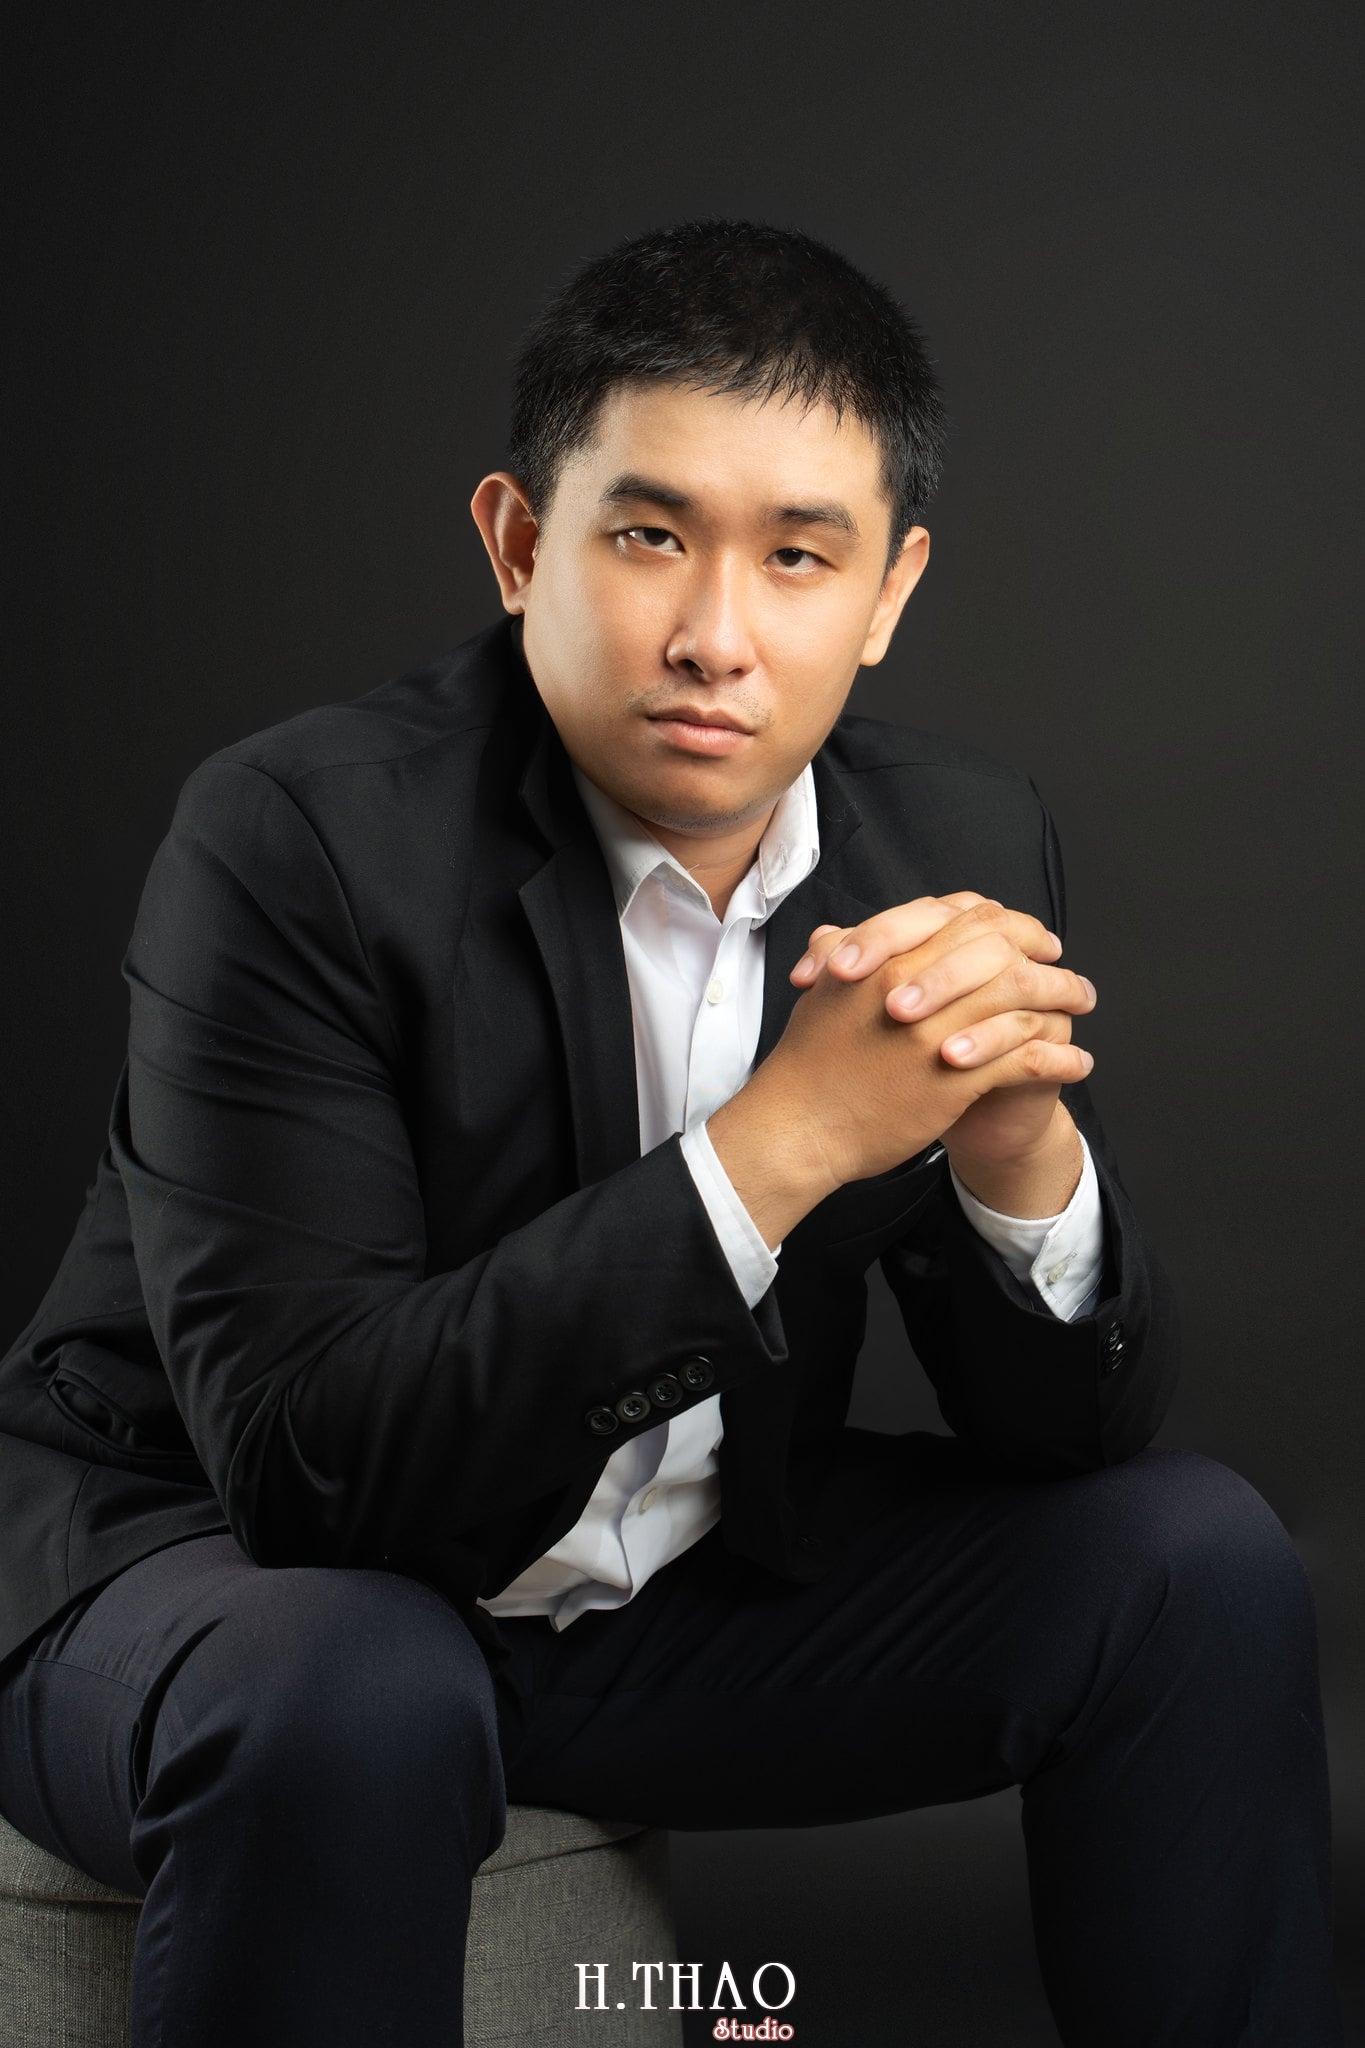 Ảnh profile doanh nhân